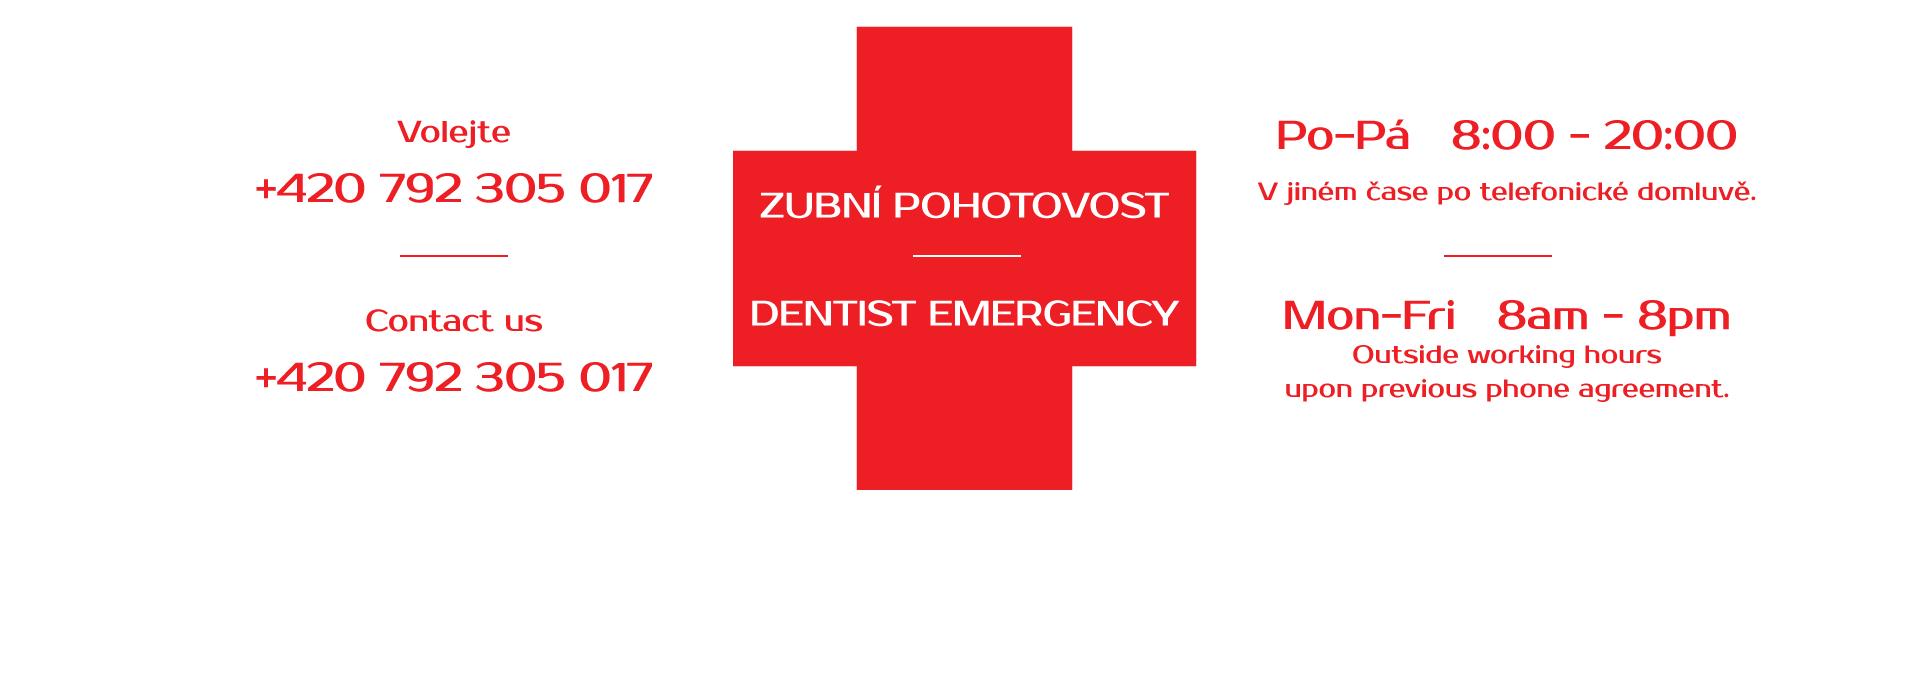 pohotovost-uvodni-stranka1-cz-en